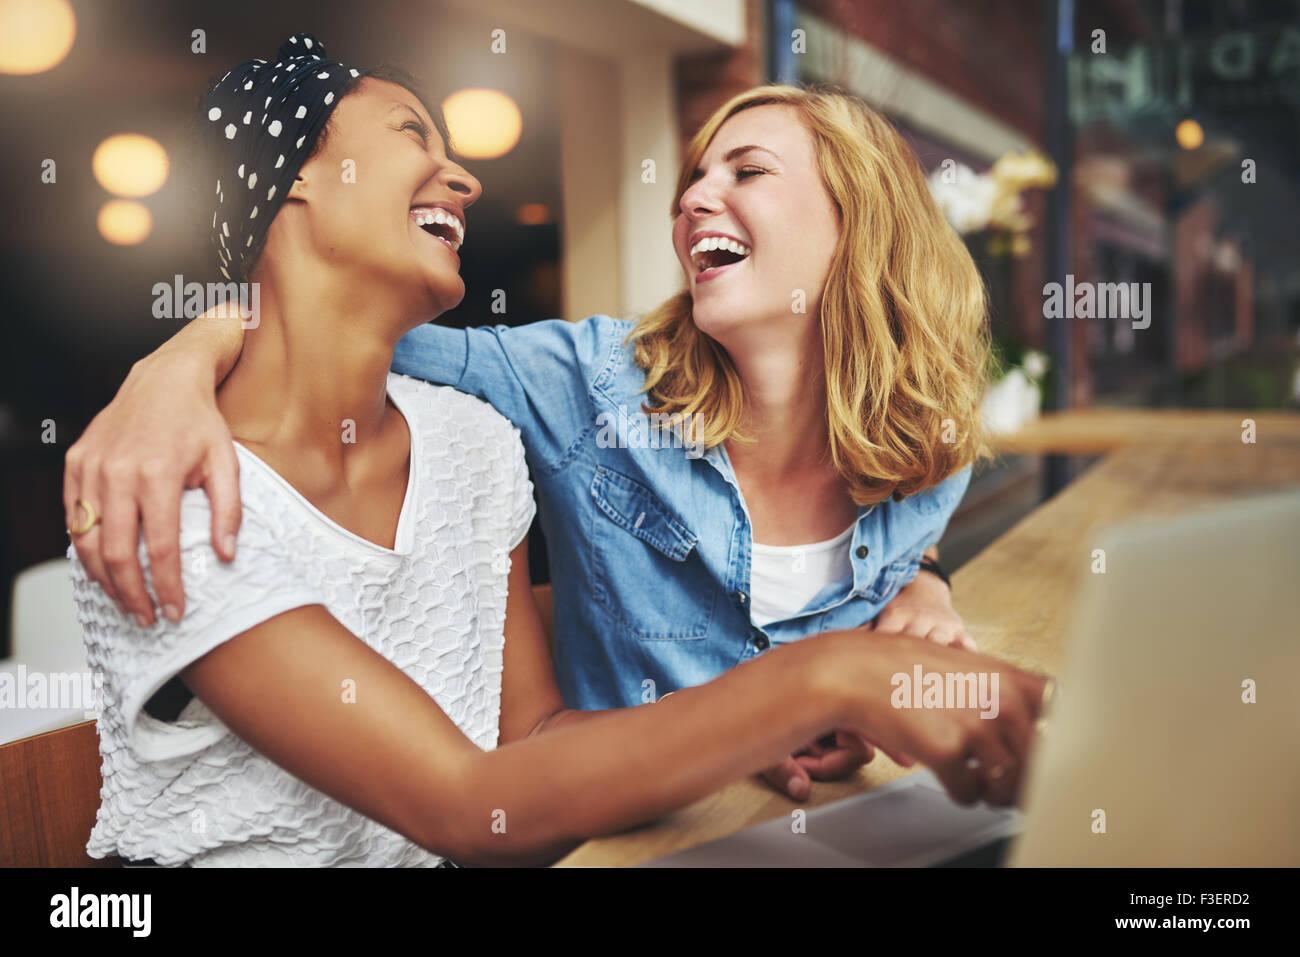 Deux femmes multiraciales affectueux friends hugging et rient en pointe sur un écran d'ordinateur portable Photo Stock